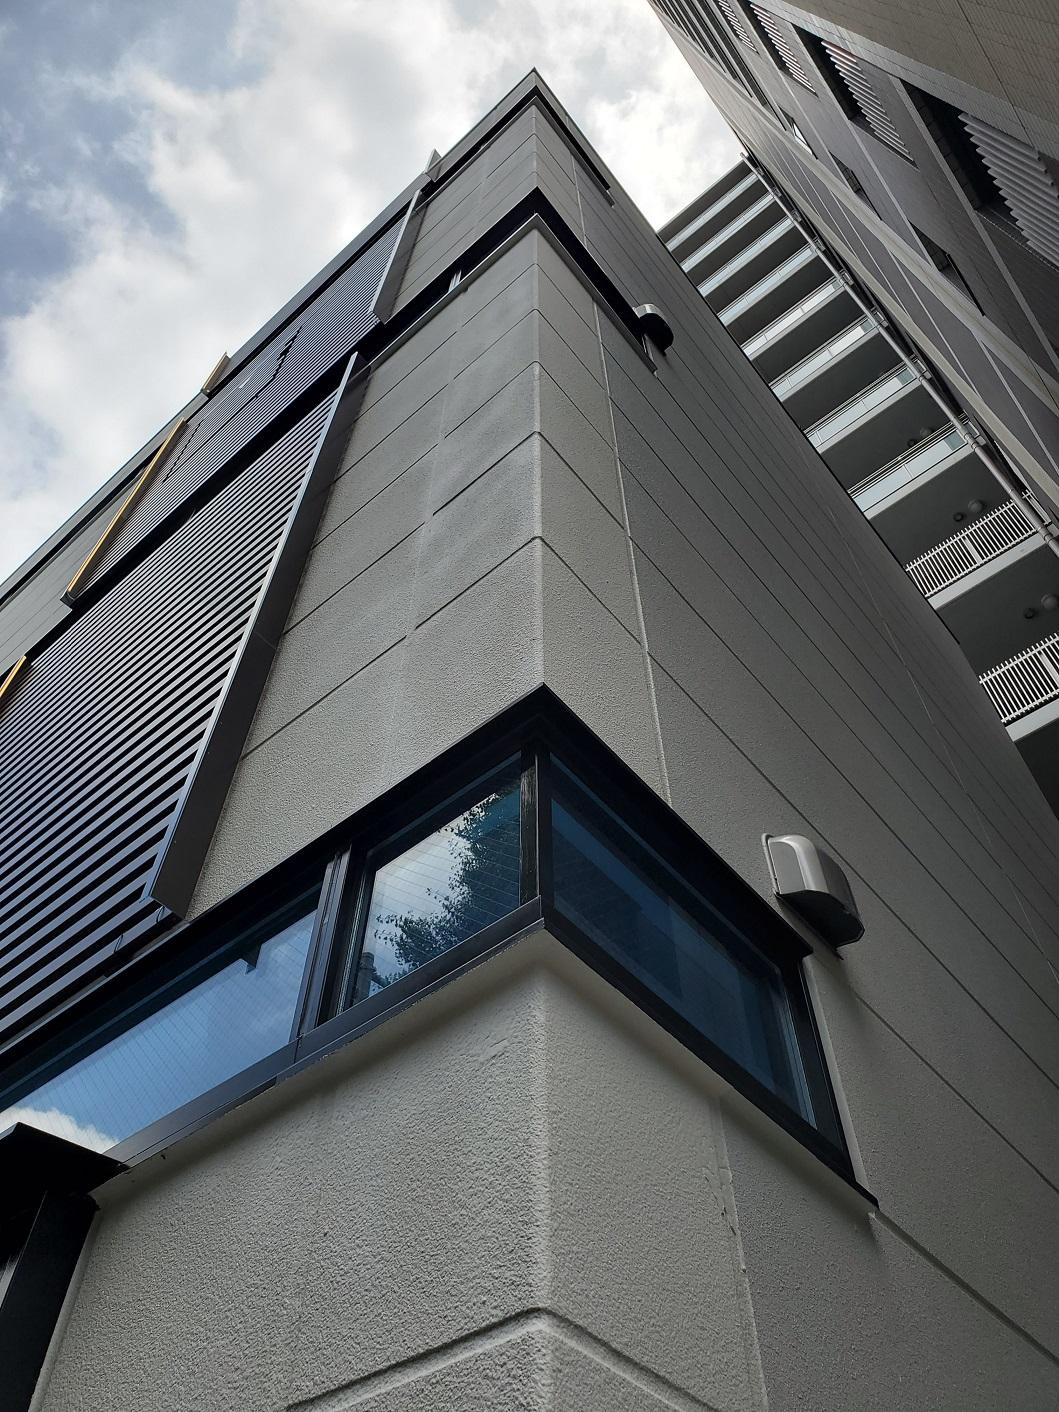 スチール製大型引戸&スチール製連装FIX・排煙窓|東京都渋谷区内某ビル